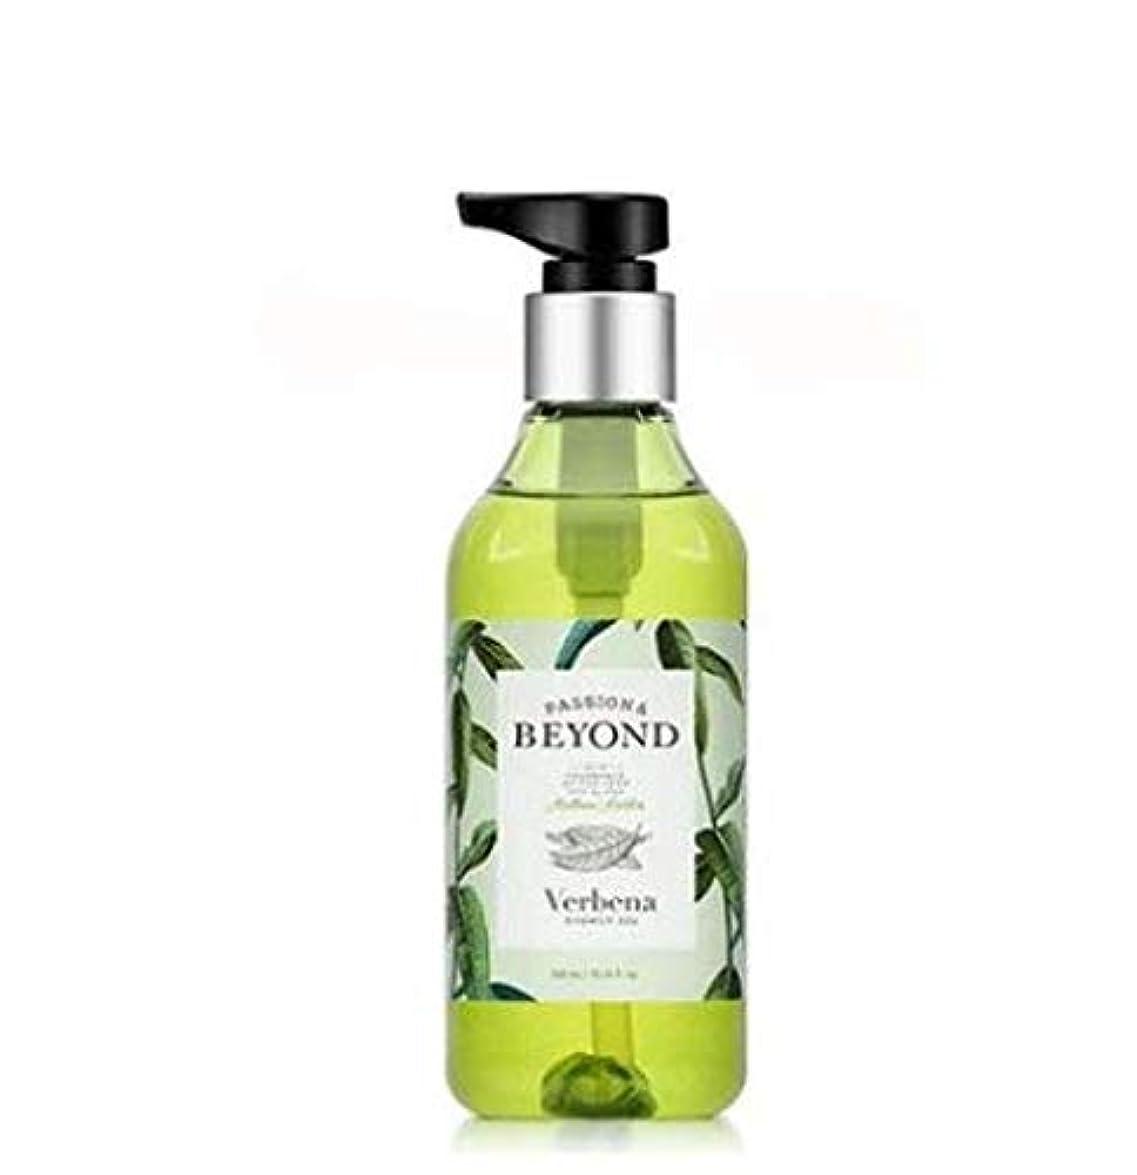 [ビヨンド] BEYOND [バーベナ シャワー ジェル 300ml] Verbena Shower Gel 300ml [海外直送品]